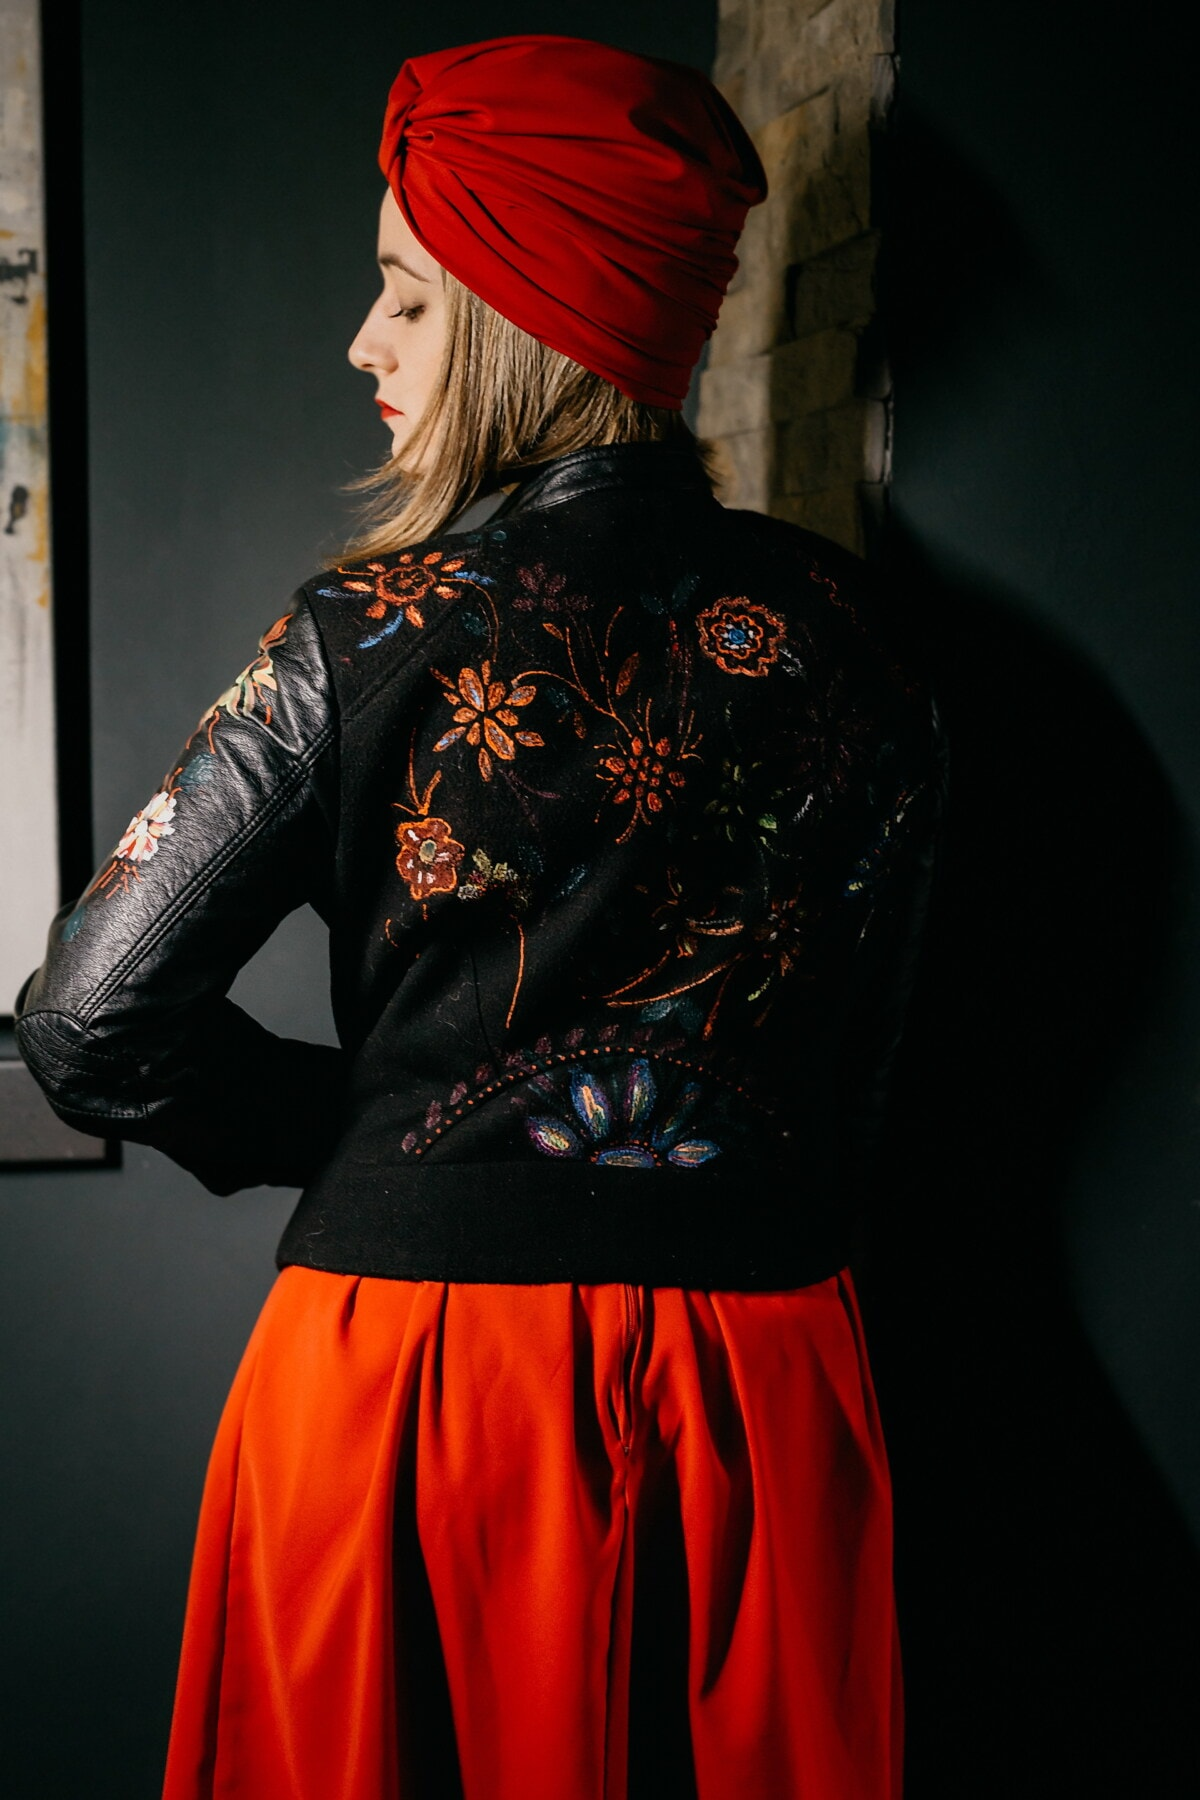 ผมบลอนด์, งดงาม, สาว, แฟชั่น, เทรนดี้, สีดำ, หนัง, เสื้อแจ็คเก็ต, ฟรีสไตล์, สีแดง